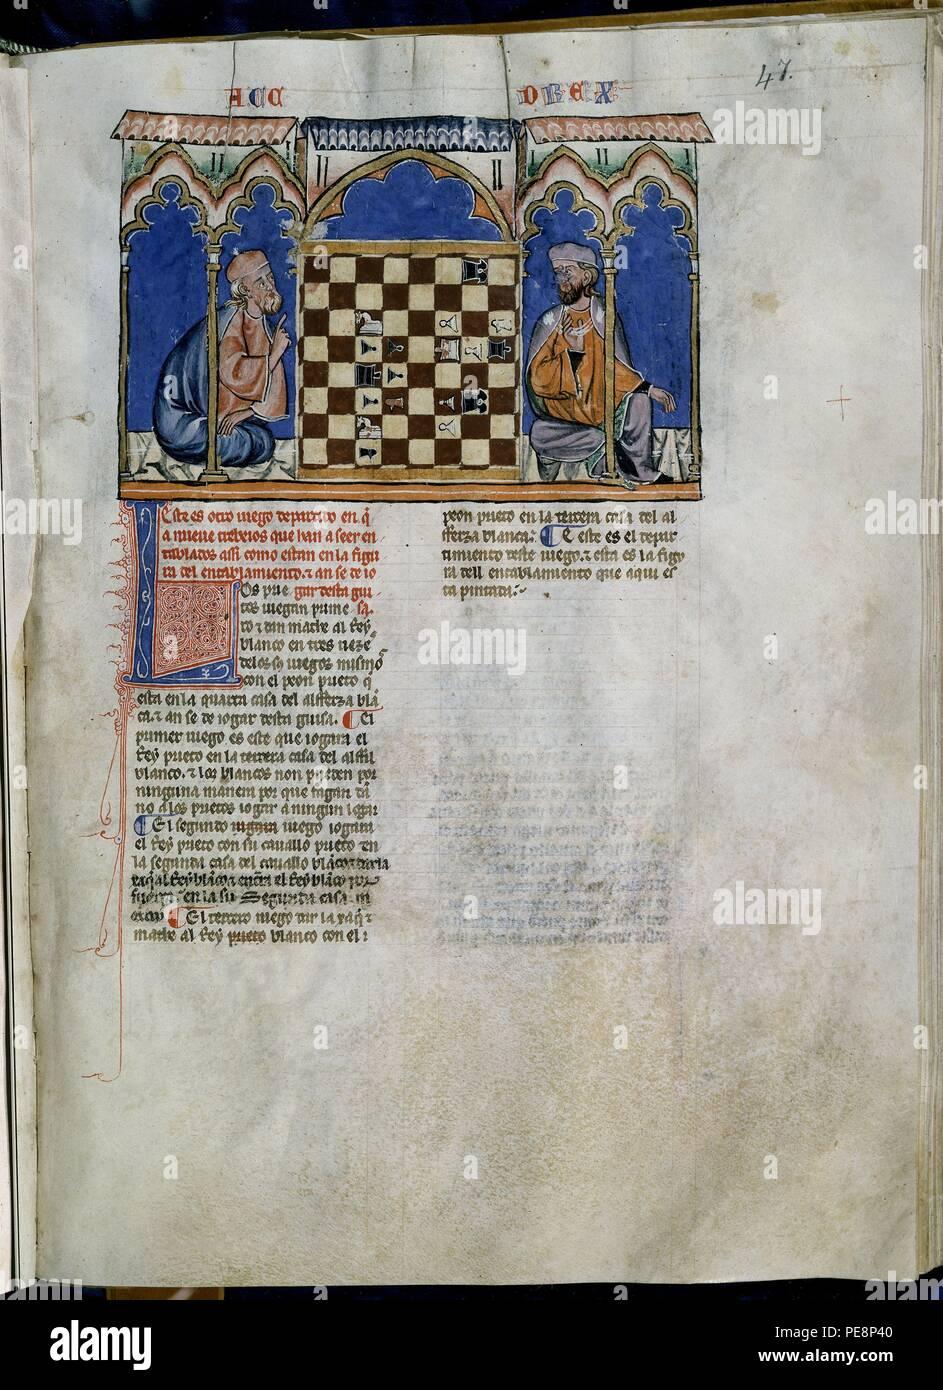 LIBRO DE JUEGOS O LIBRO DEL AJEDREZ DADOS Y TABLAS - 1283 - FOLIO 47R - DOS HOMBRES JUGANDO AL AJEDREZ -  MANUSCRITO GOTICO. Author: Alfonso X of Castile the Wise (1221-1284). Location: MONASTERIO-BIBLIOTECA-COLECCION, SAN LORENZO DEL ESCORIAL, MADRID, SPAIN. - Stock Image